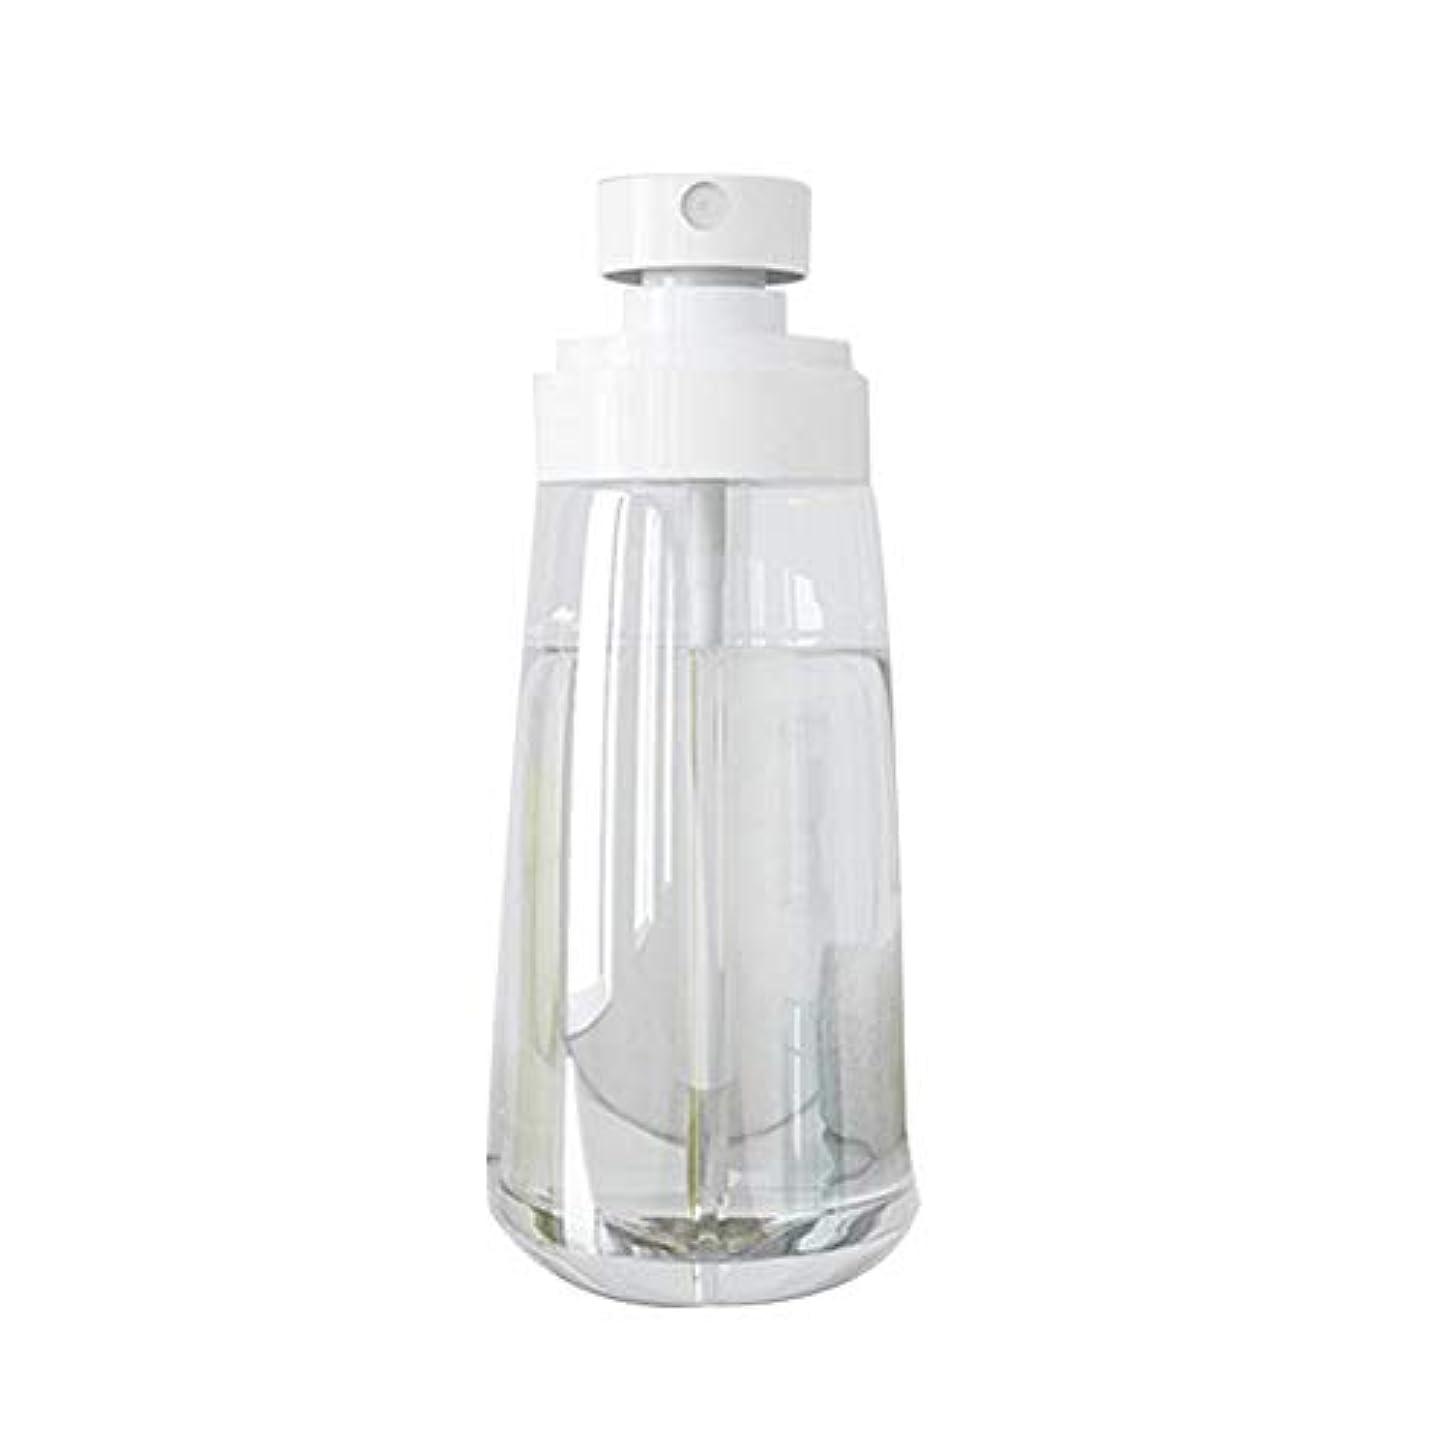 隙間代理店ダーツLUERME スプレーボルト 60ml PET製 化粧水の詰替用 極細のミストを噴霧する 旅行用の霧吹き 小分けの容器 アルコール消毒用 アトマイザー